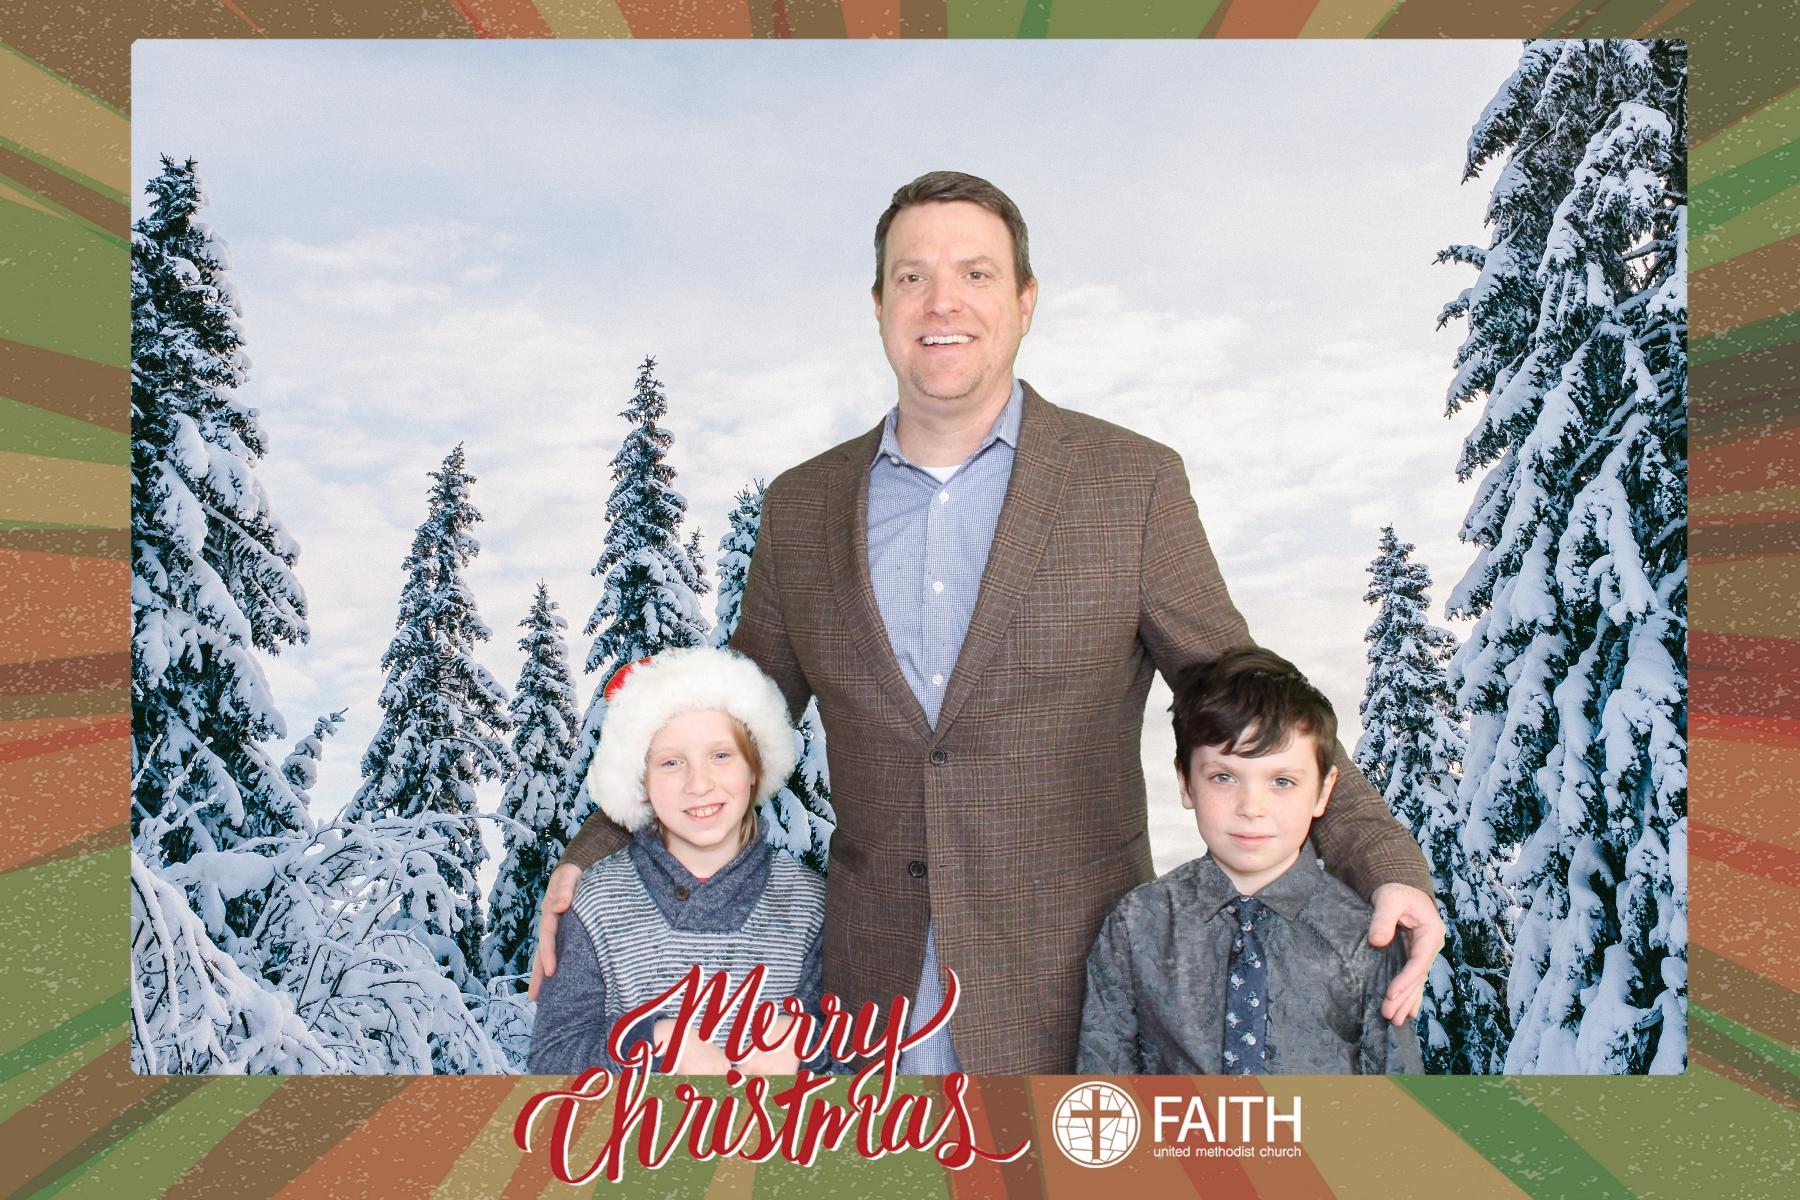 Faith2018_2018-12-24_15-17-11.jpg